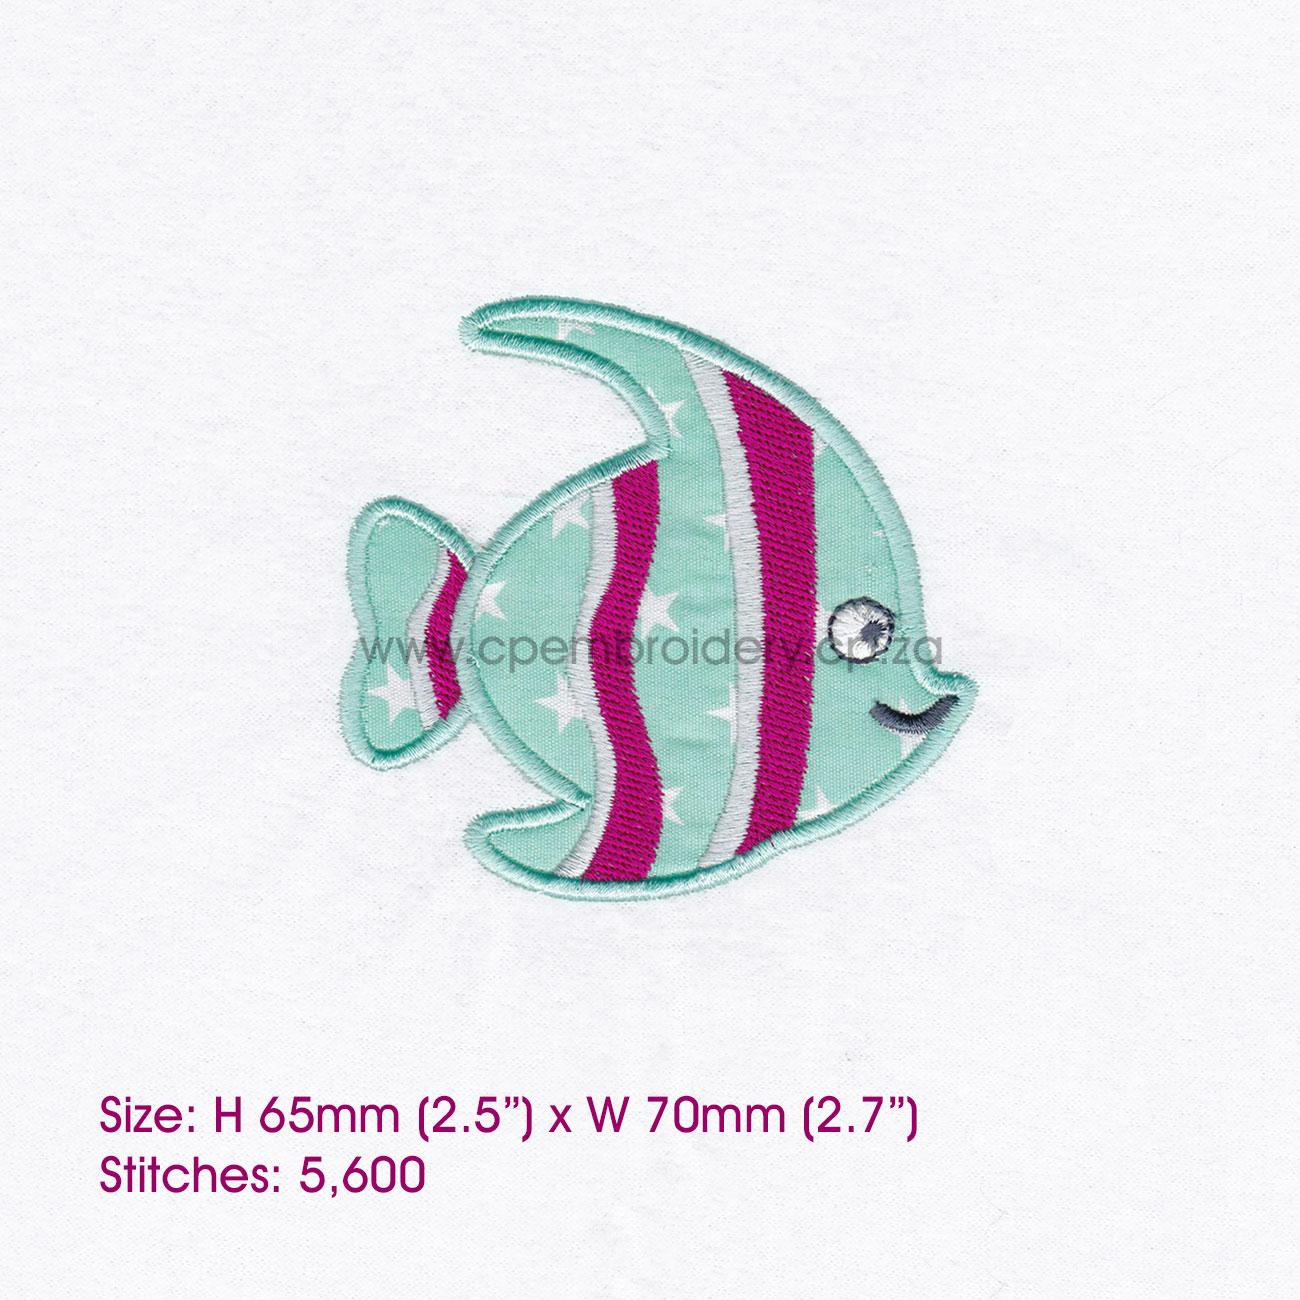 Striped Moorish Idol Pet Fish Applique Design example image 2